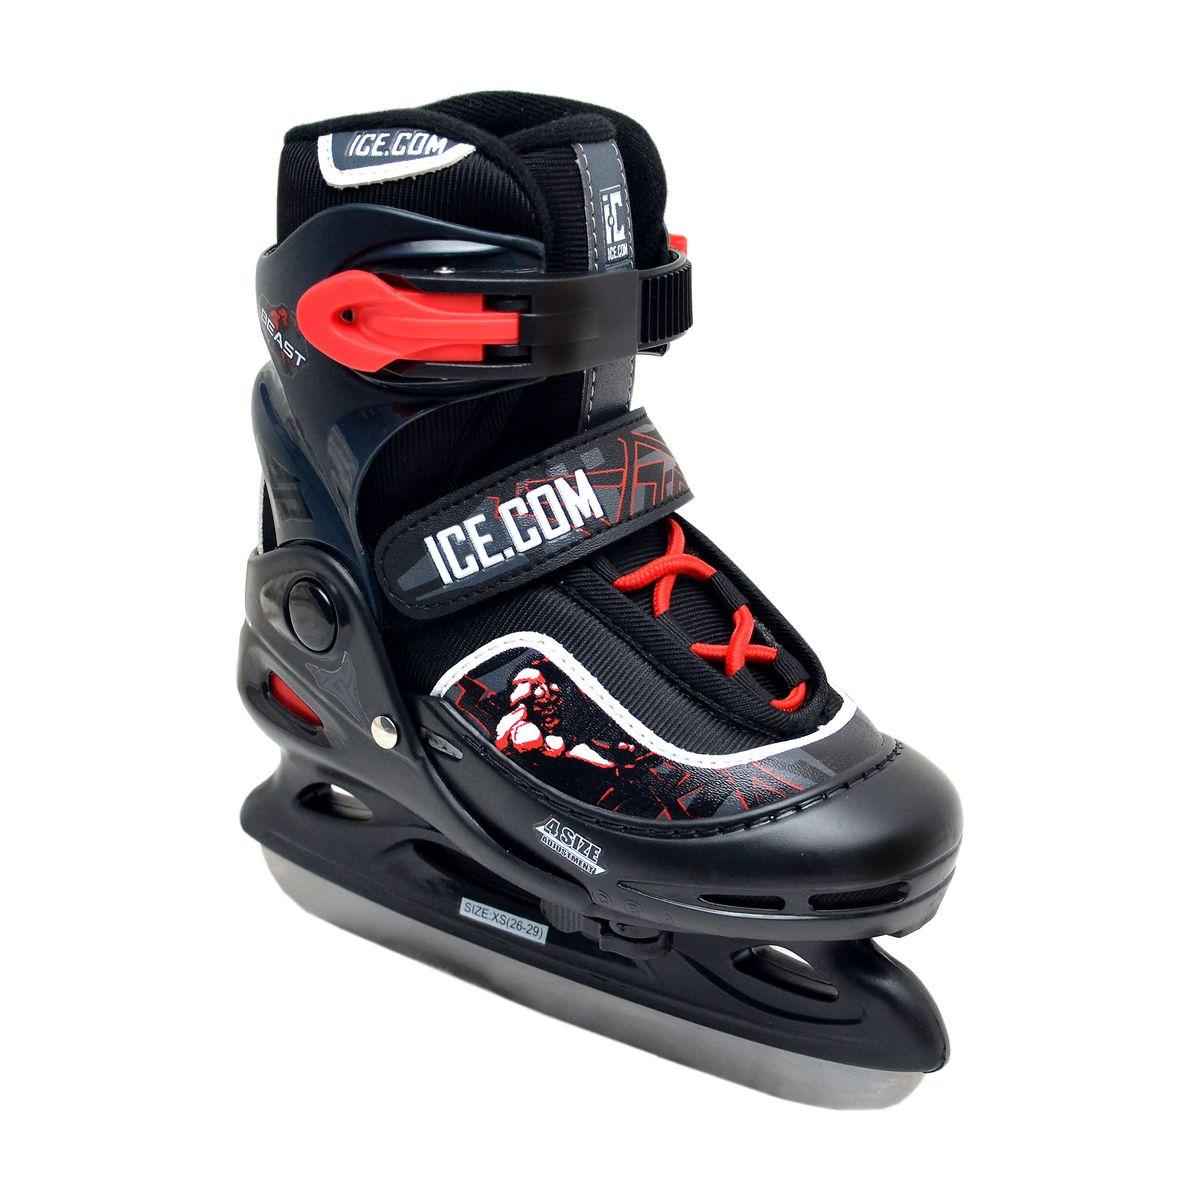 Коньки ледовые мужские Ice.Com Beast, раздвижные, цвет: черный, красный. Размер 38/41